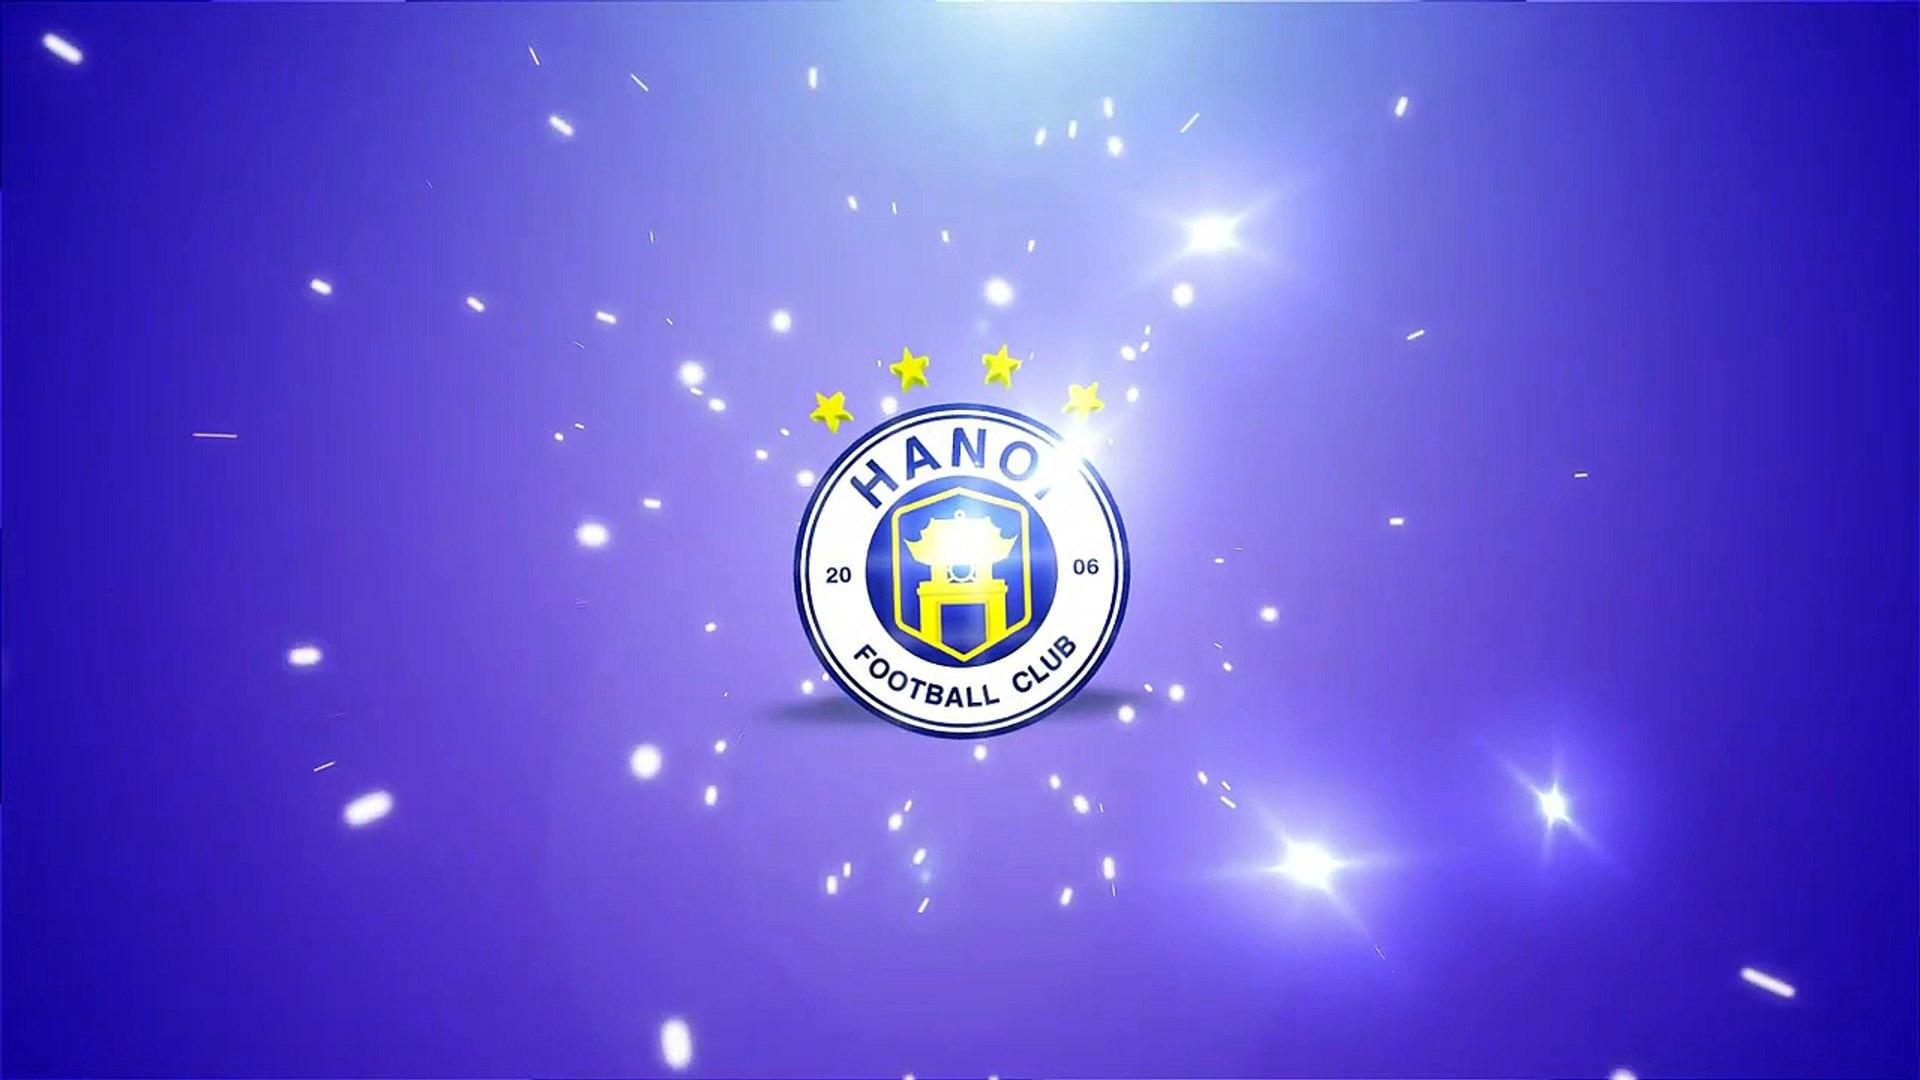 Omar, Moses và các đồng đội chúc mừng sinh nhật Như Tuấn| HANOI FC